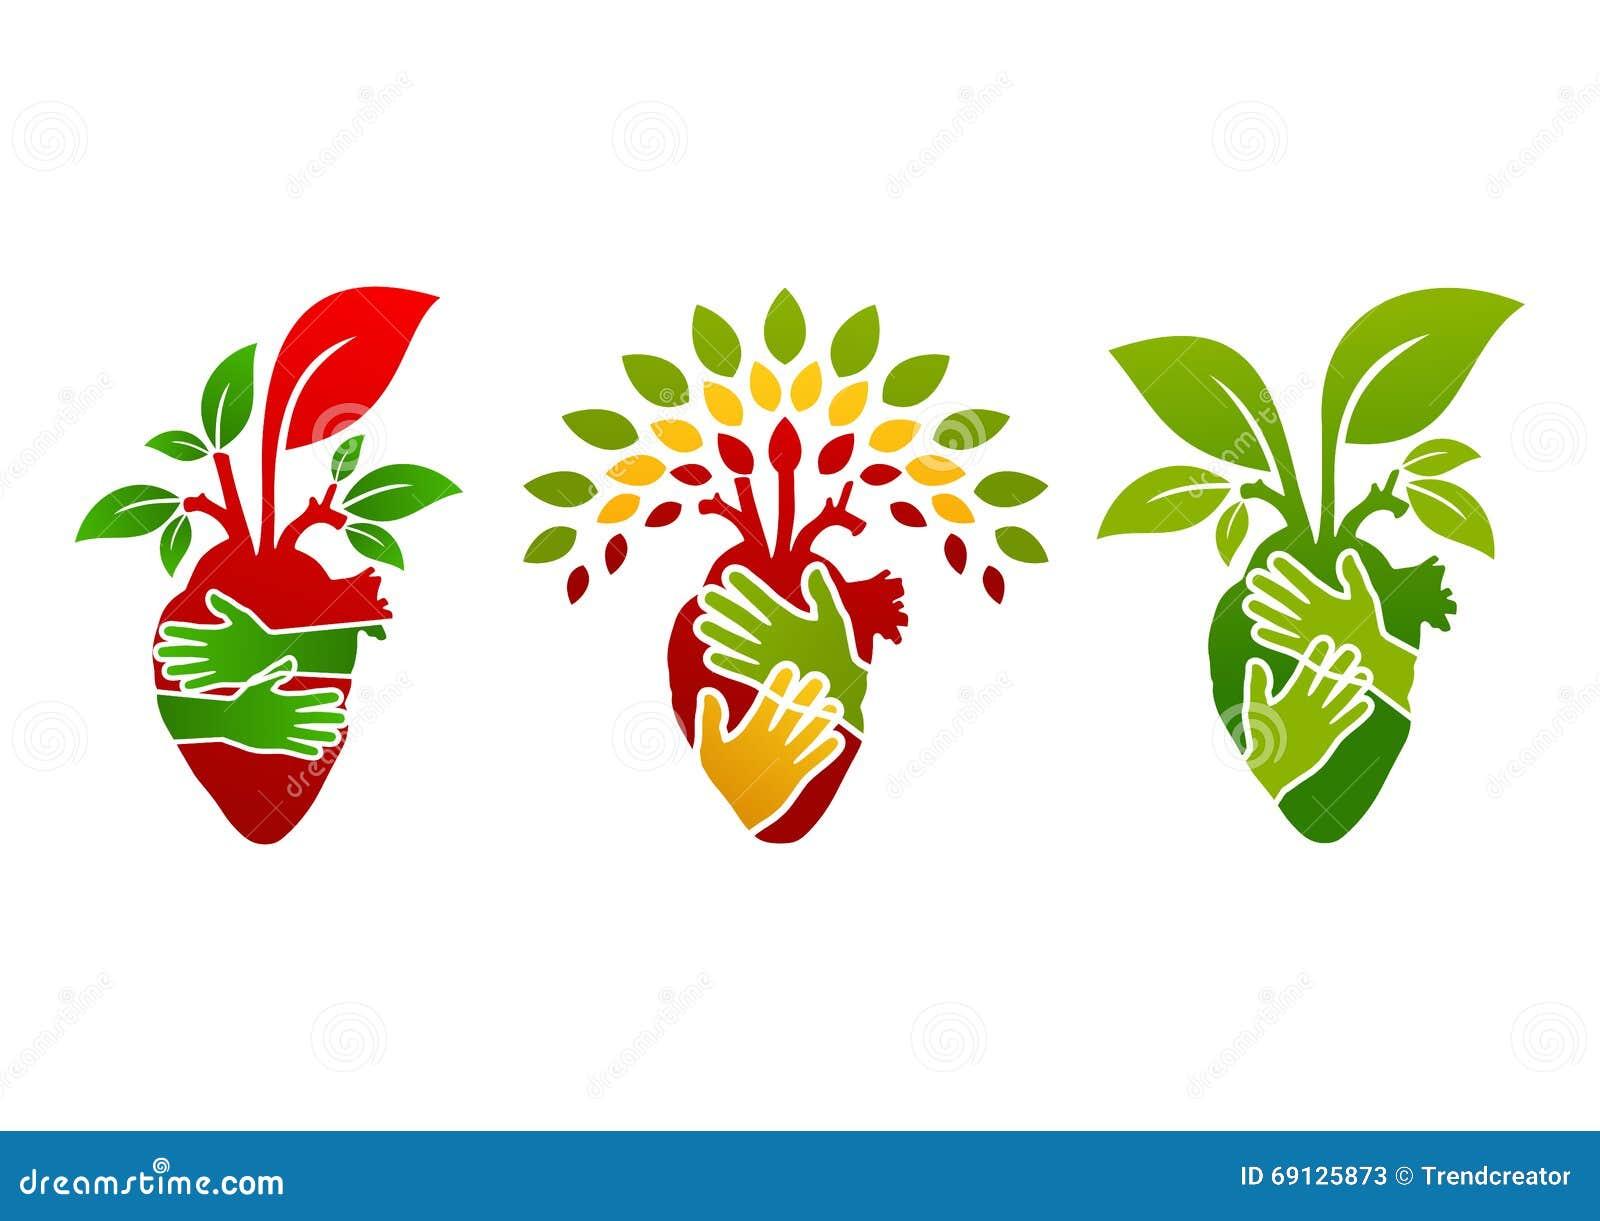 Logotipo do coração, símbolo dos povos da árvore, ícone da planta da natureza e projeto de conceito saudável do coração